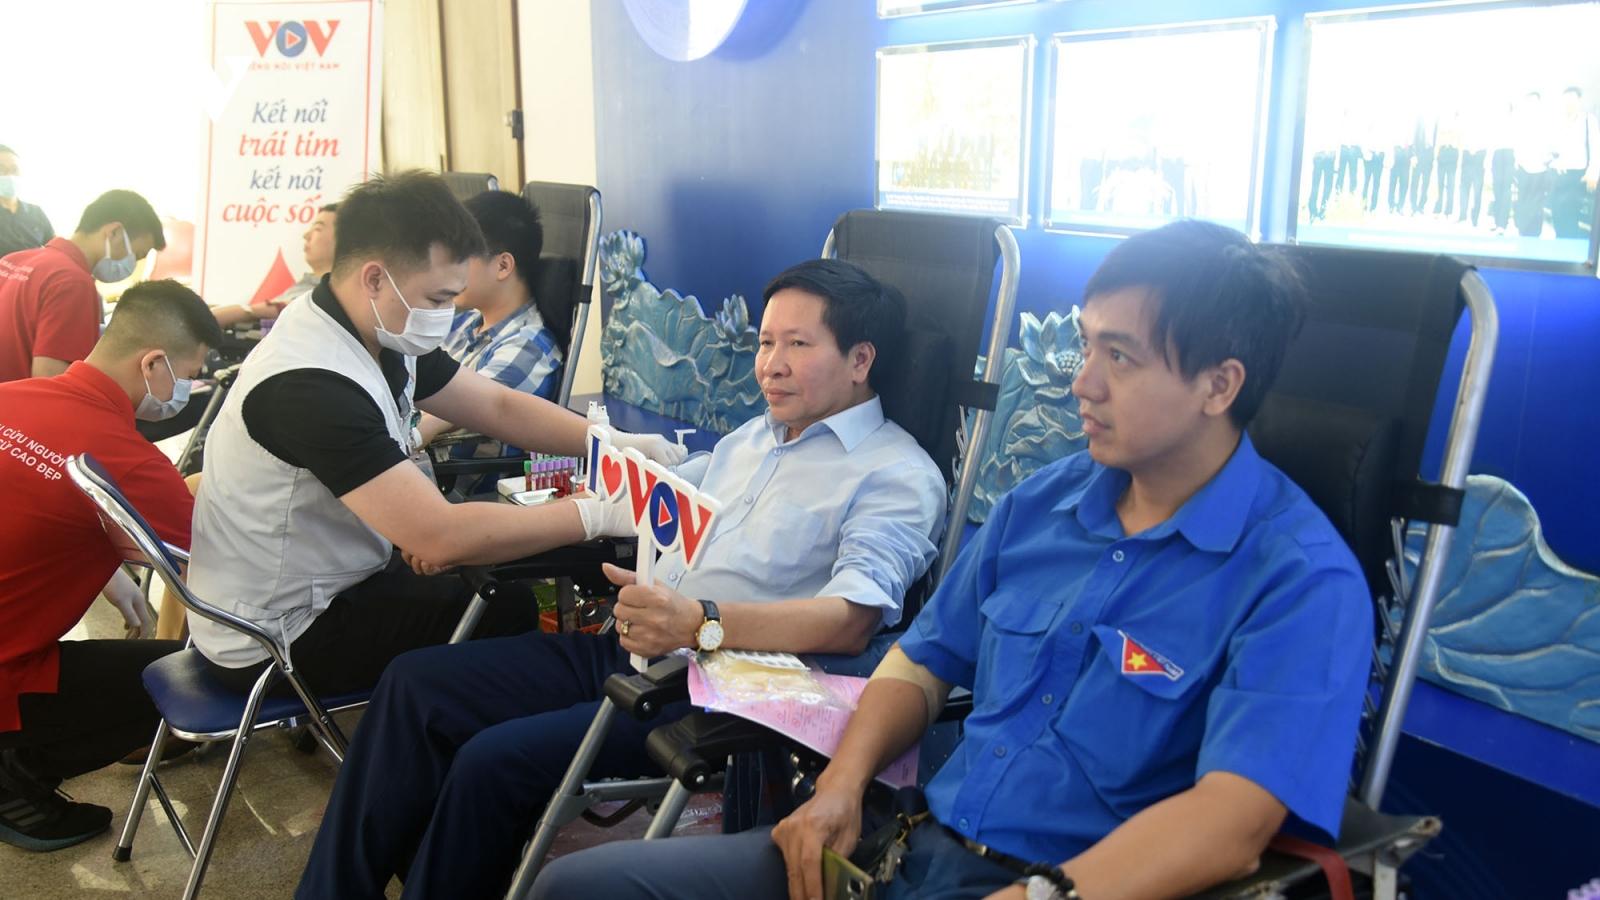 VOV tổ chức chương trình hiến máu tình nguyện, lan tỏa yêu thương